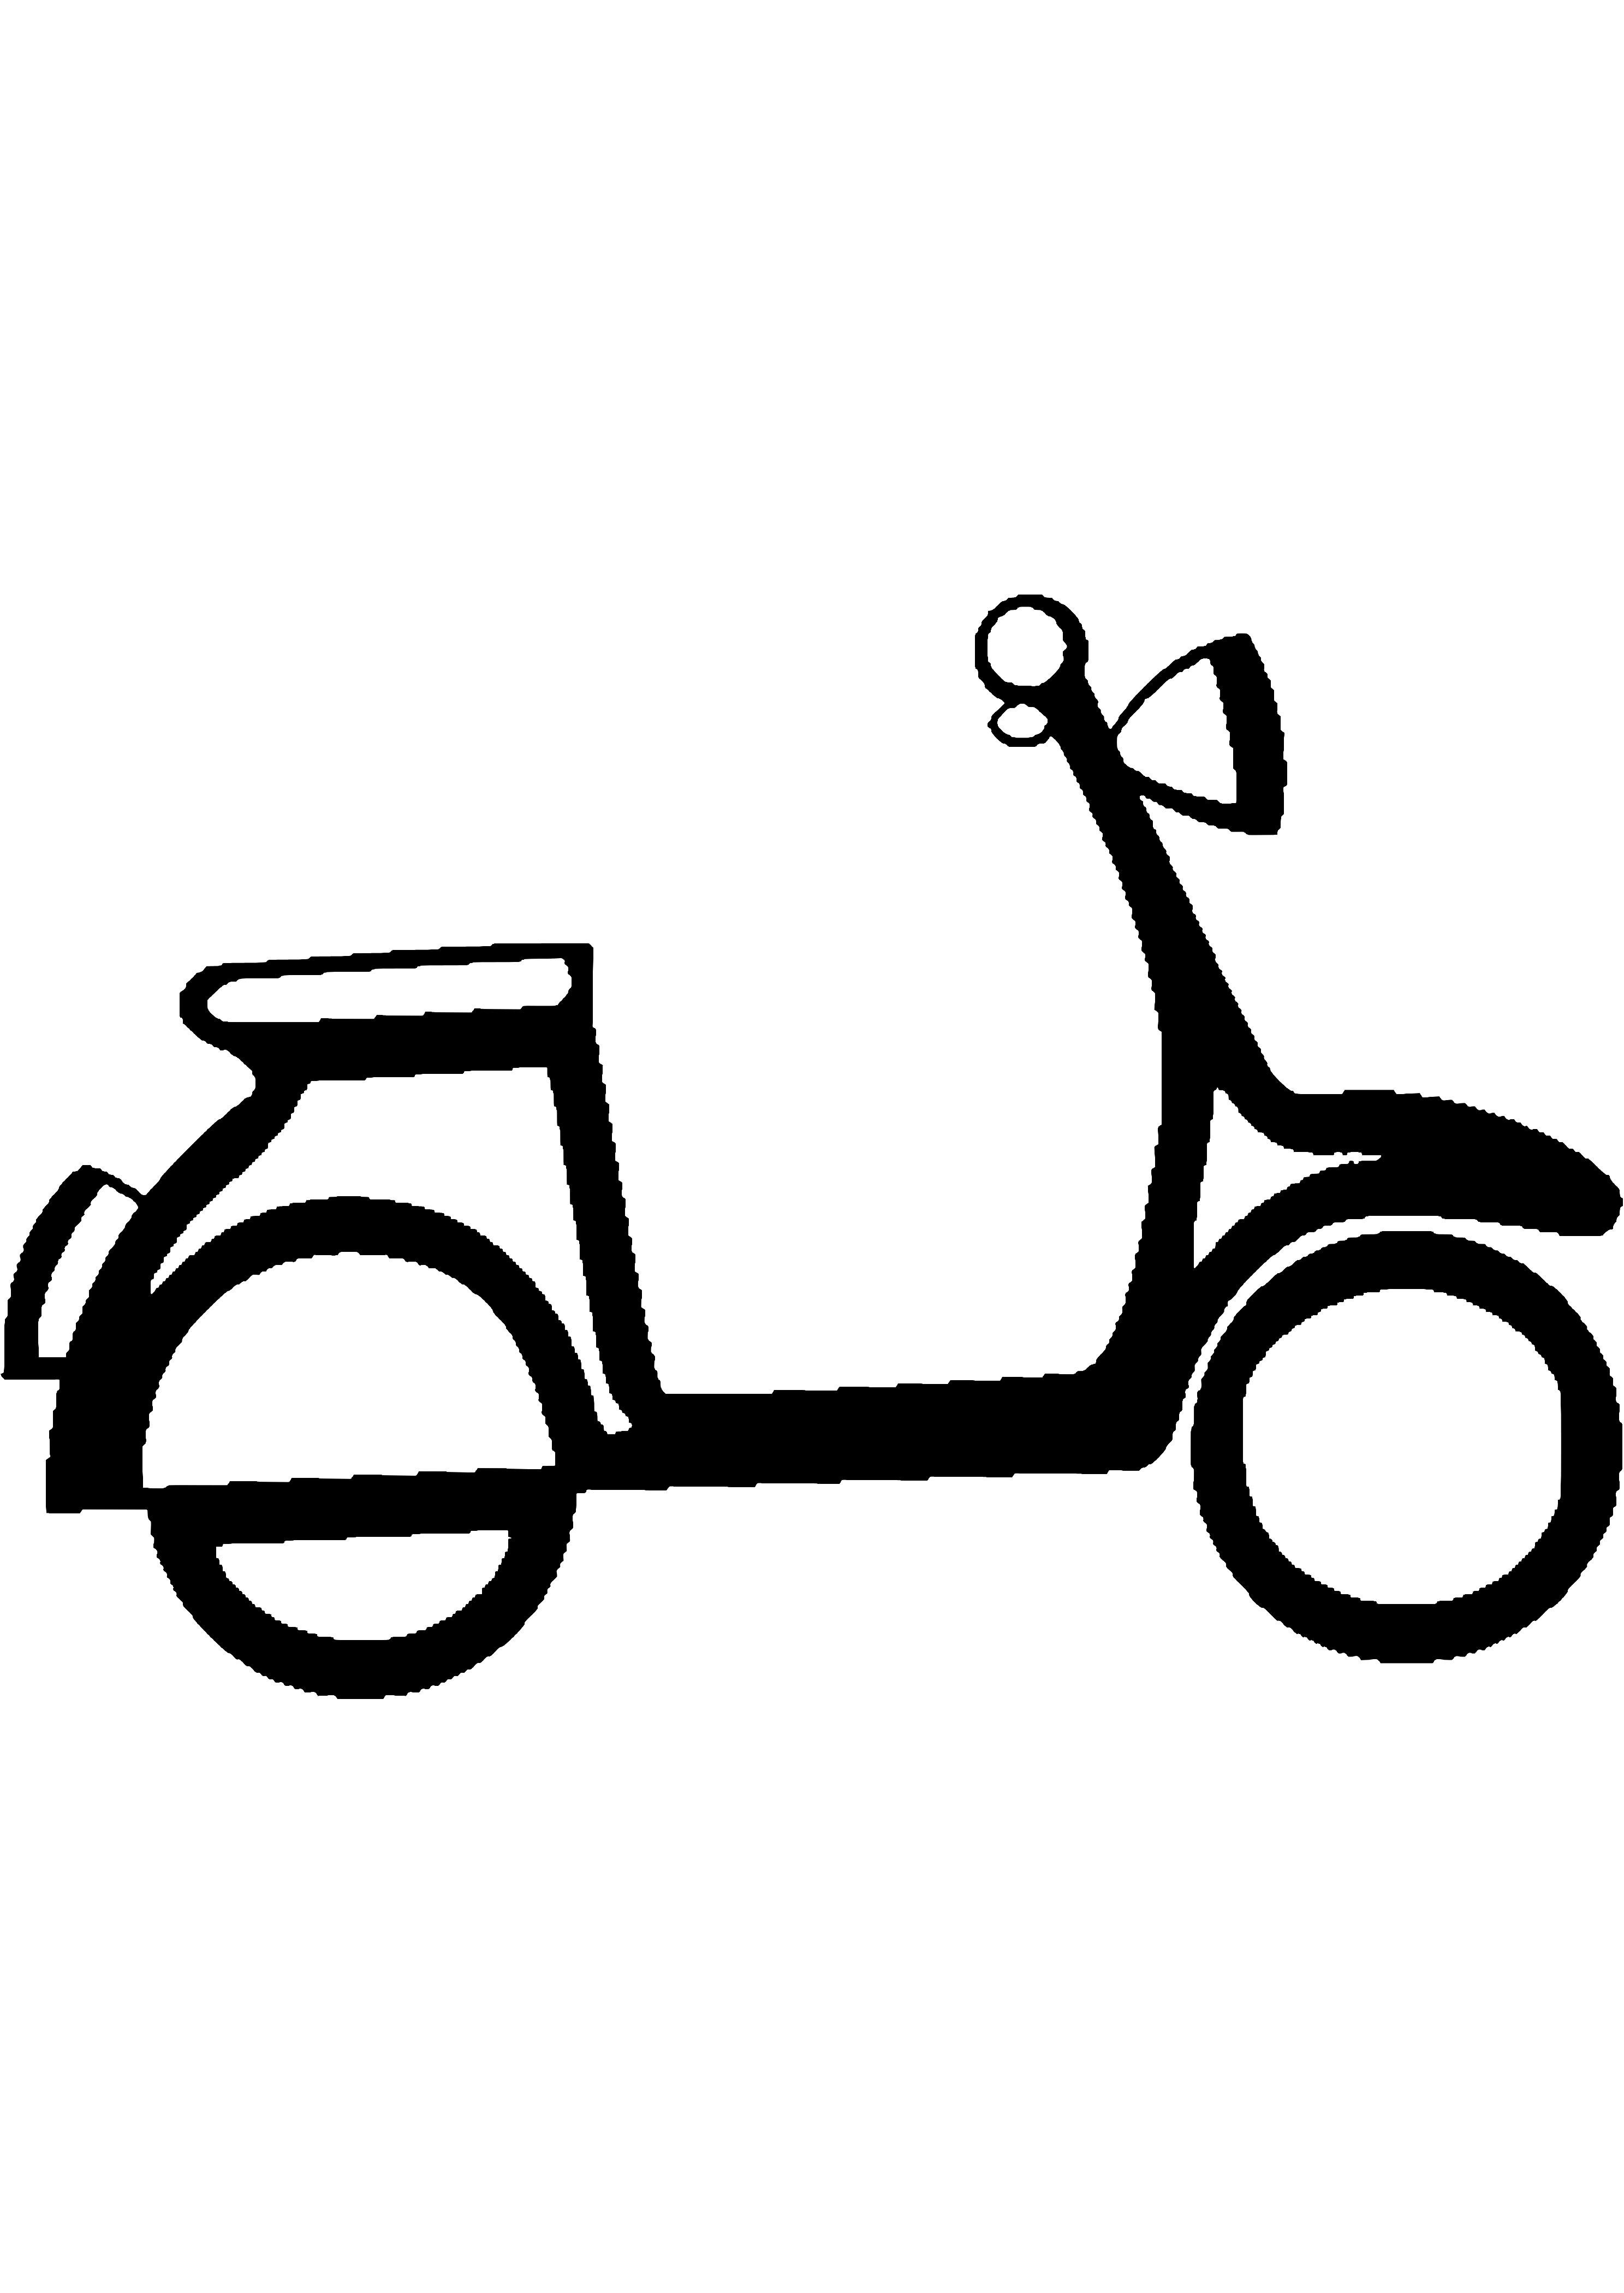 Coloriage Scooter #139545 (Transport) - Album de coloriages